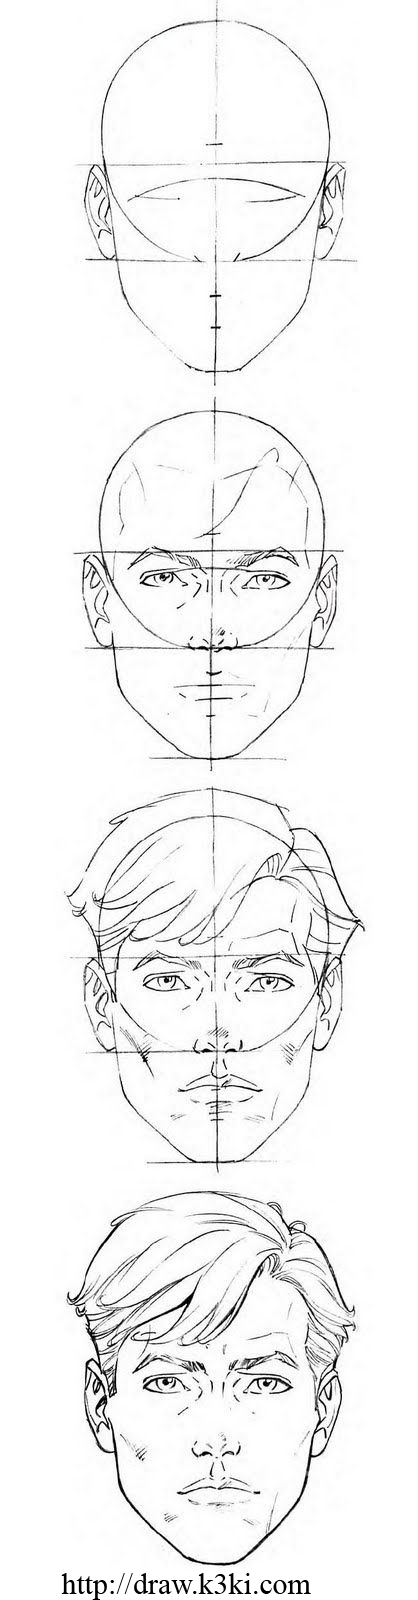 رسم الوجه بطريقه سهله لم يسبق له مثيل الصور Tier3 Xyz